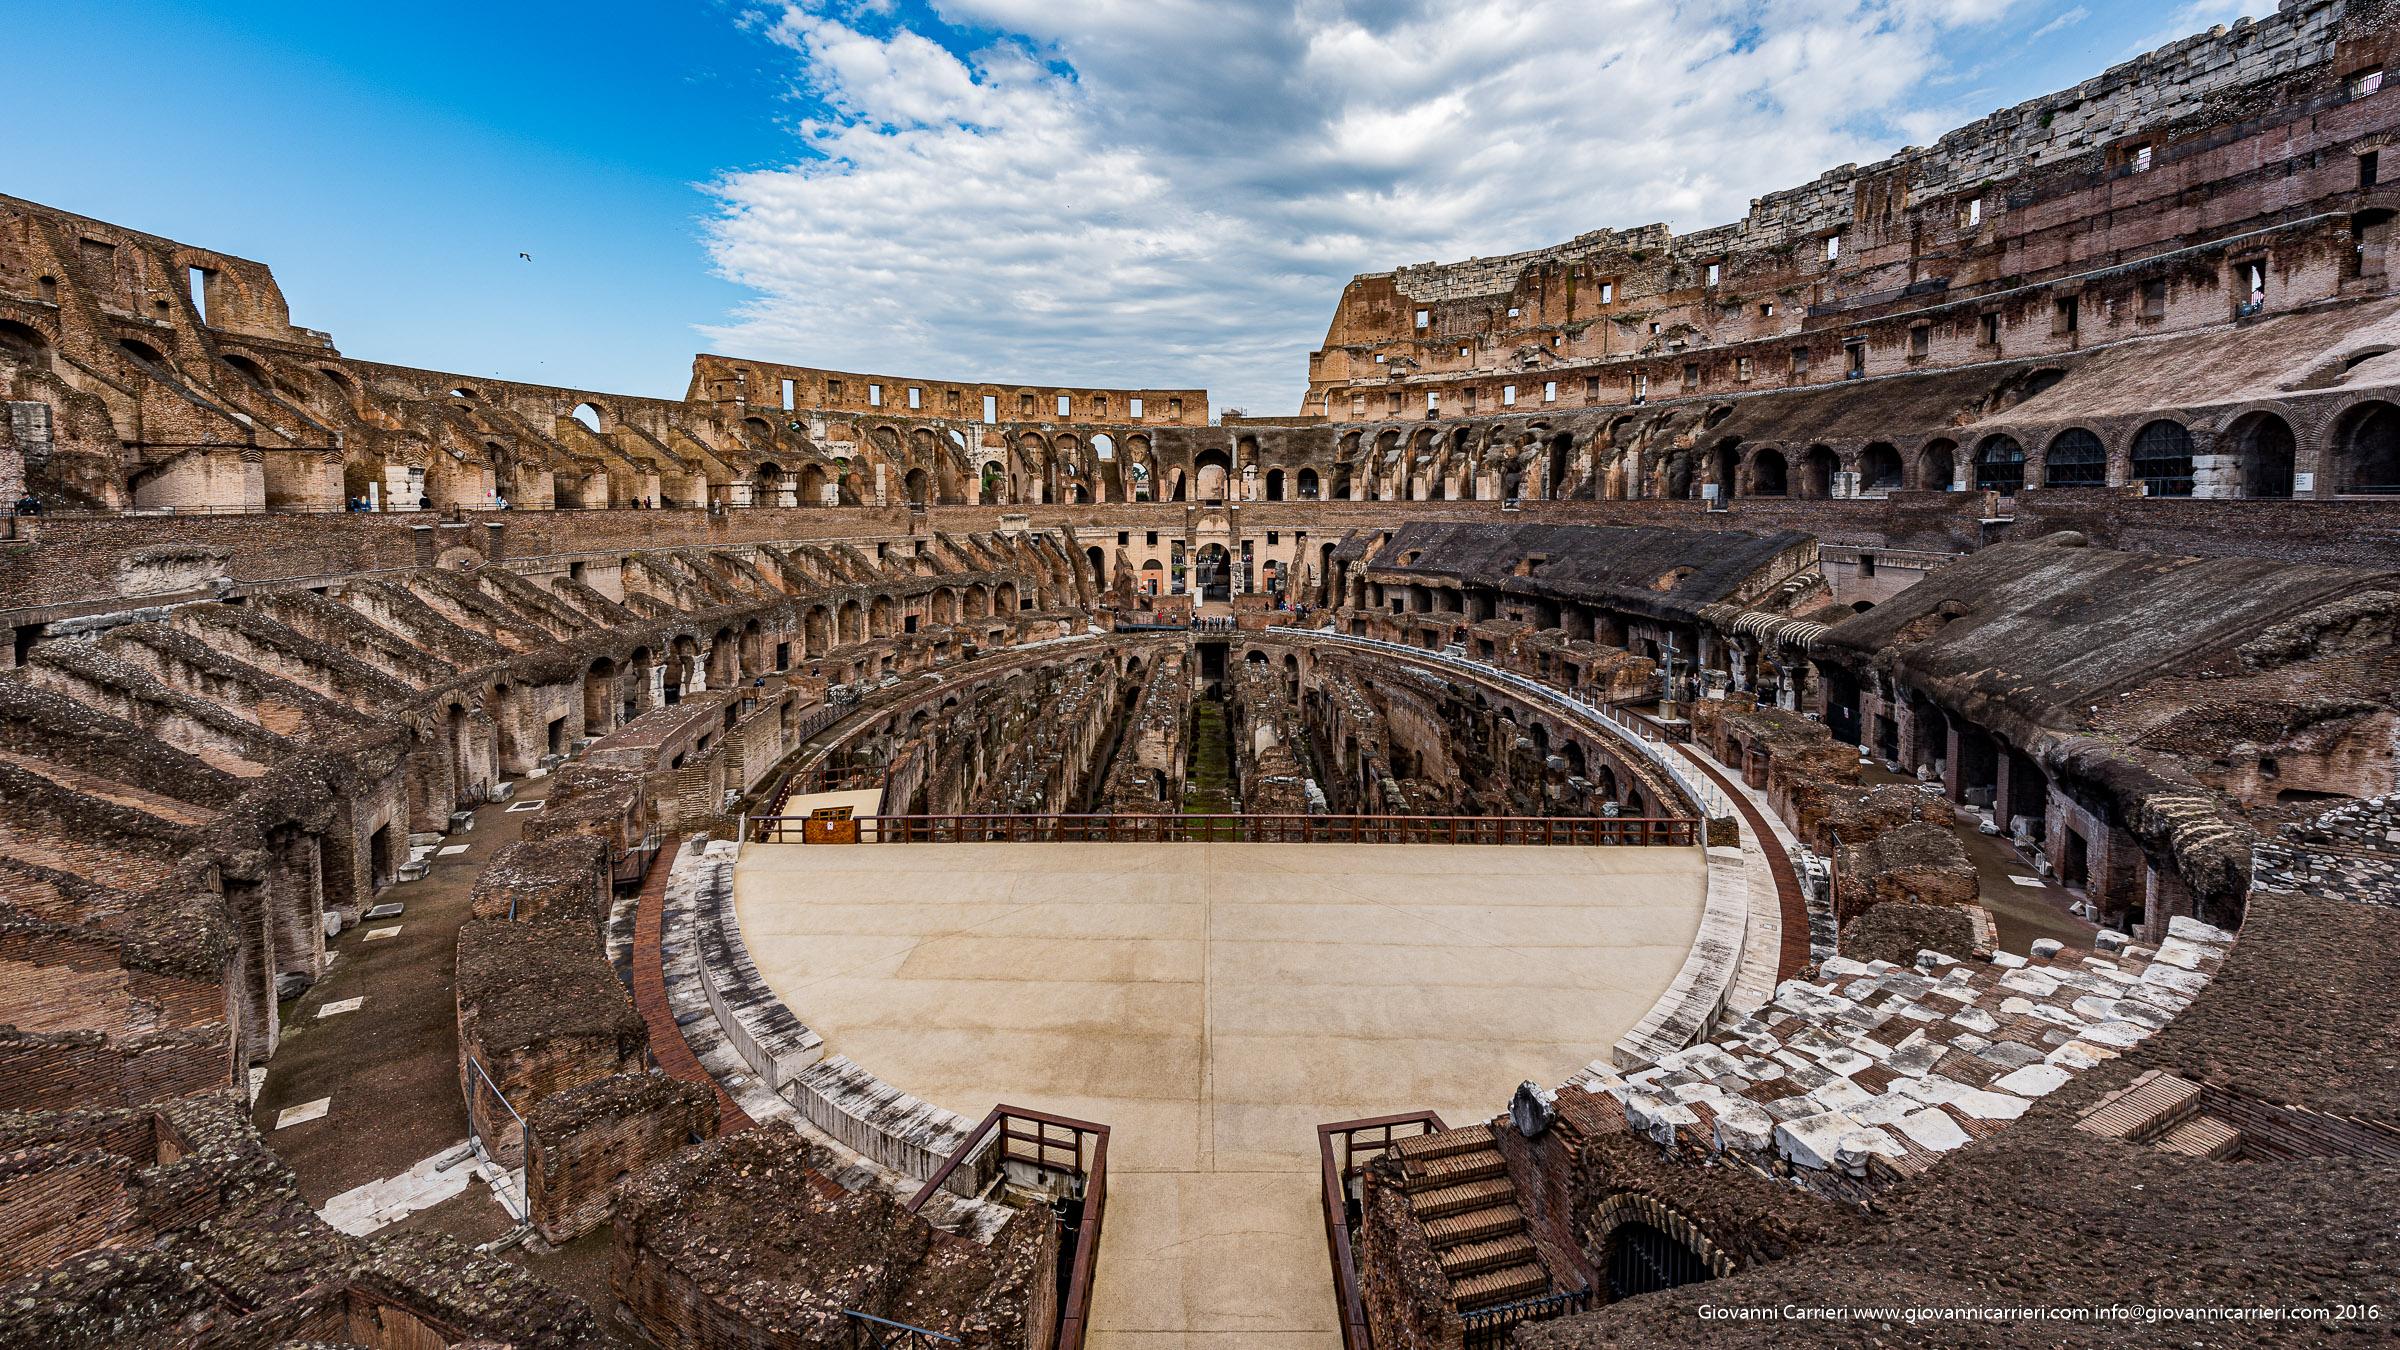 Vista interna del Colosseo, Anfiteatro Flavio